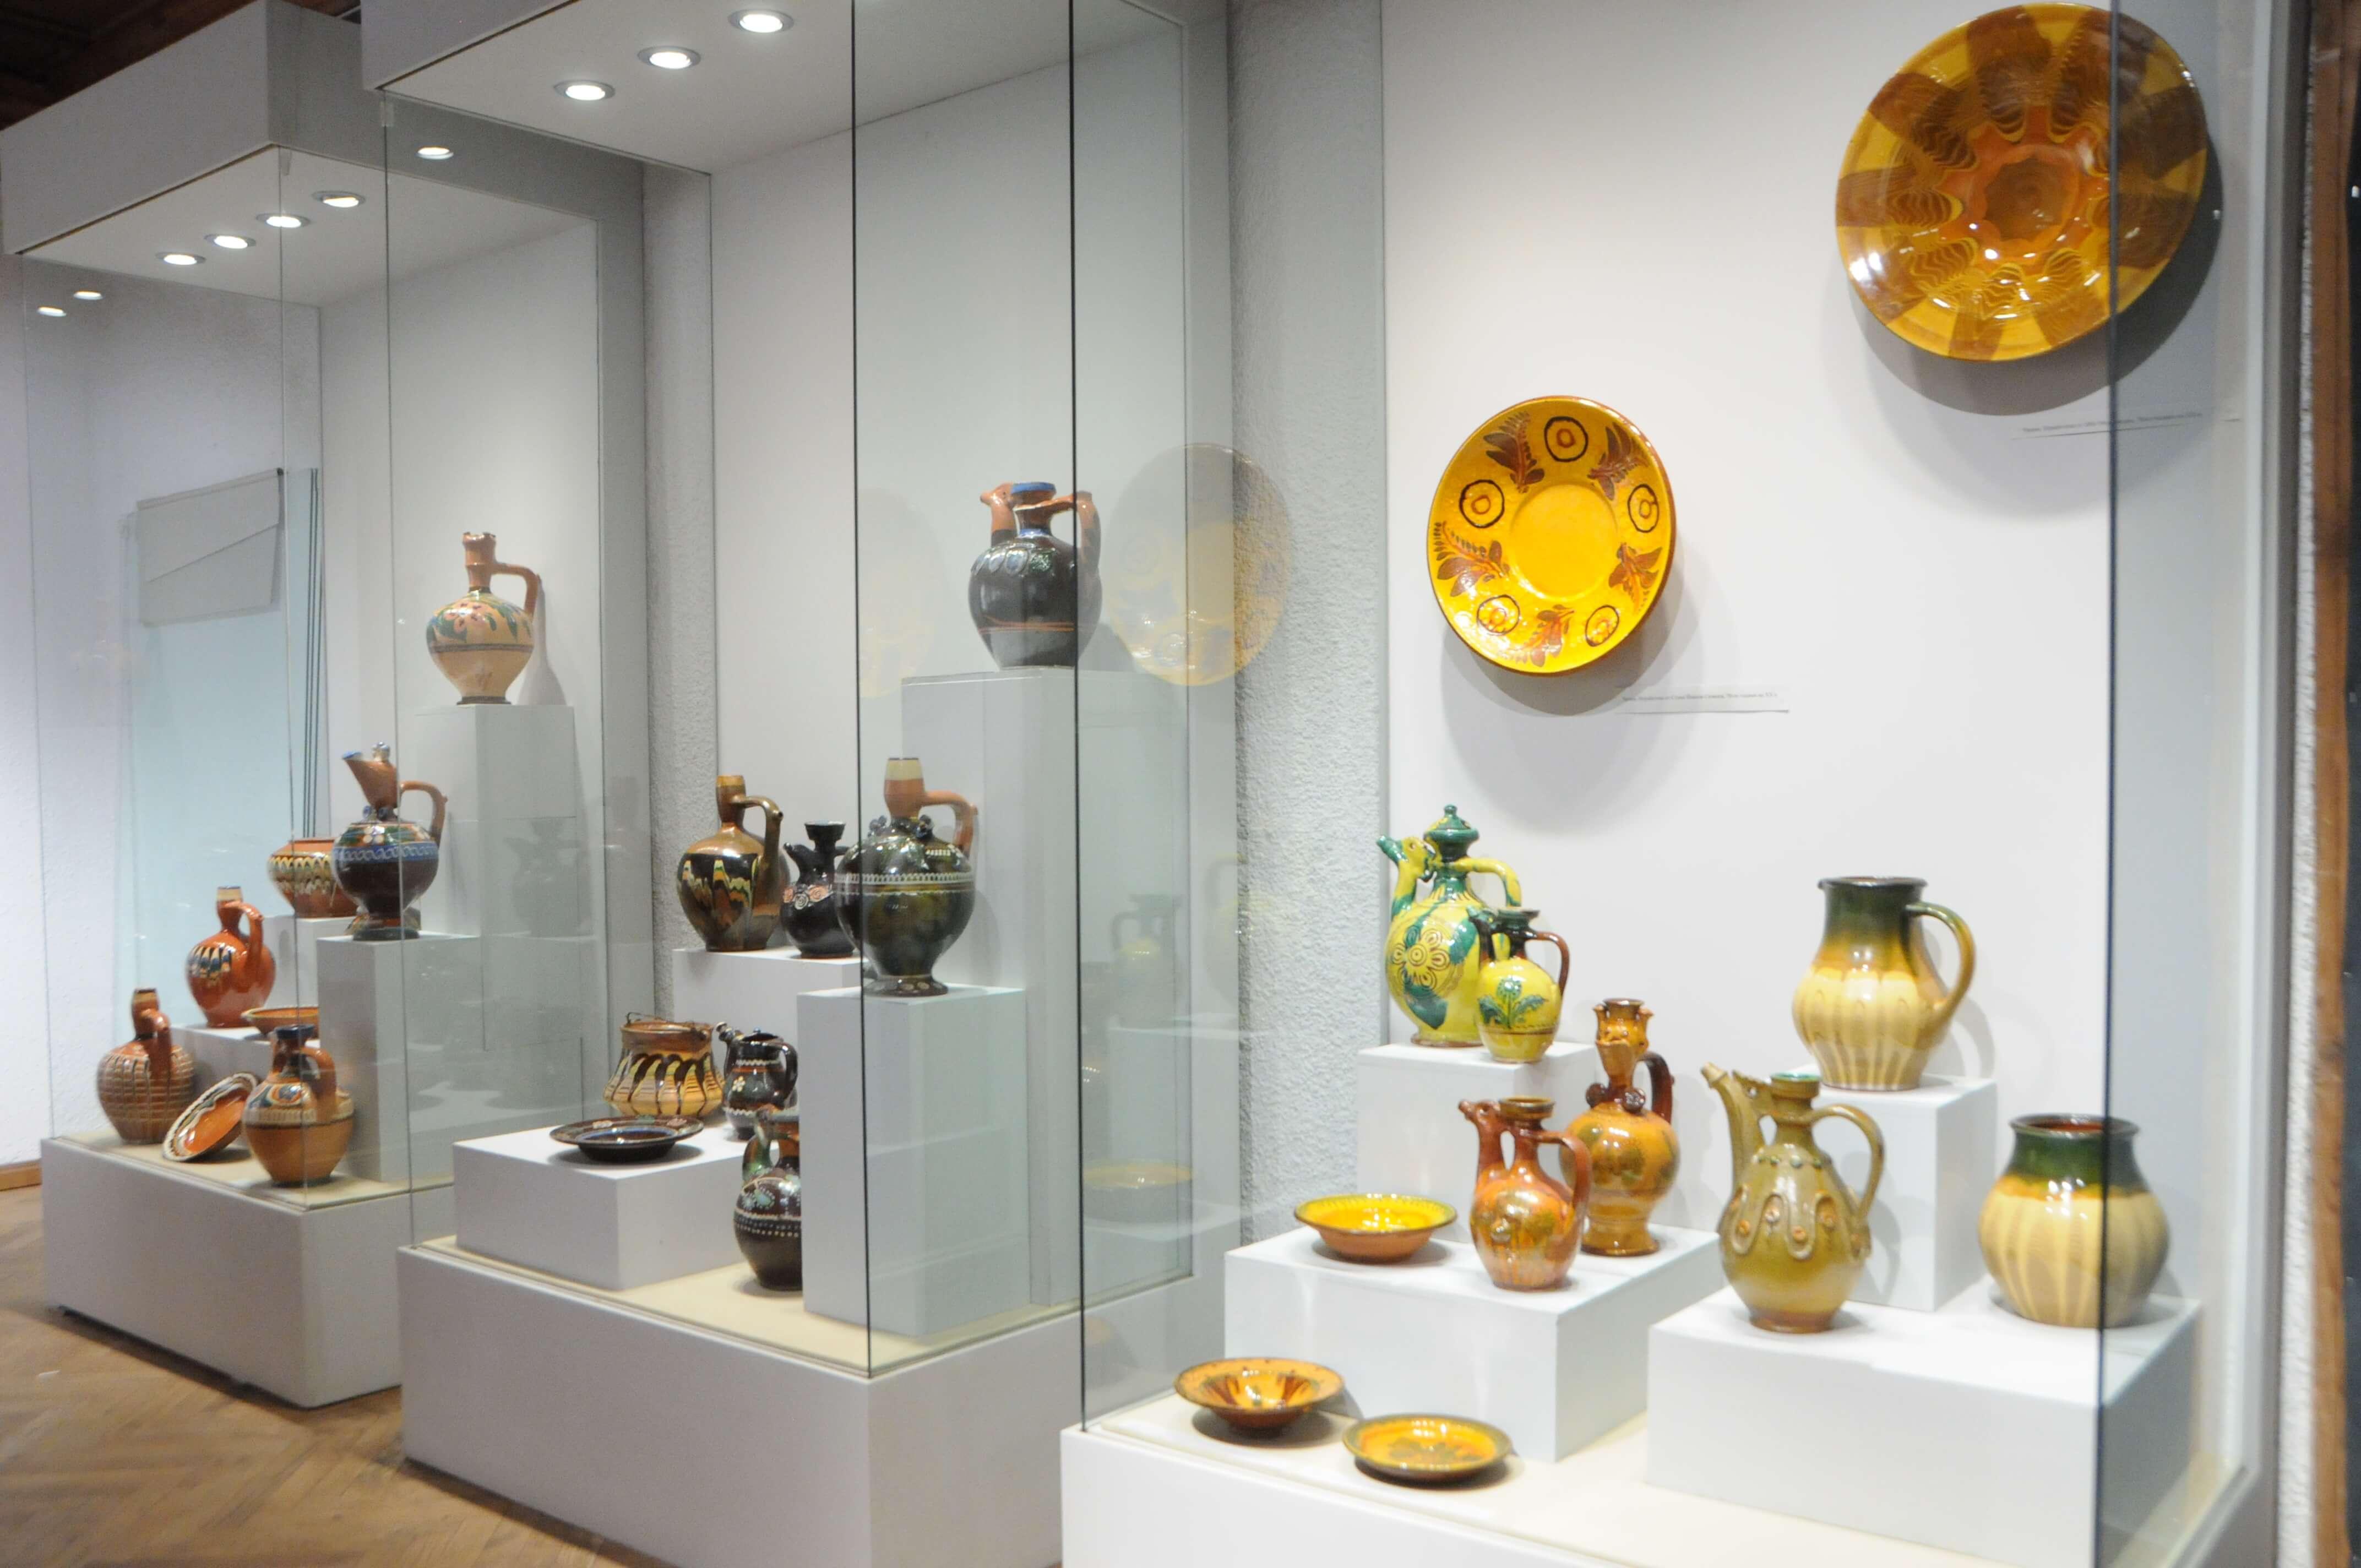 bogatstvoto-na-troyanskata-keramika (22)